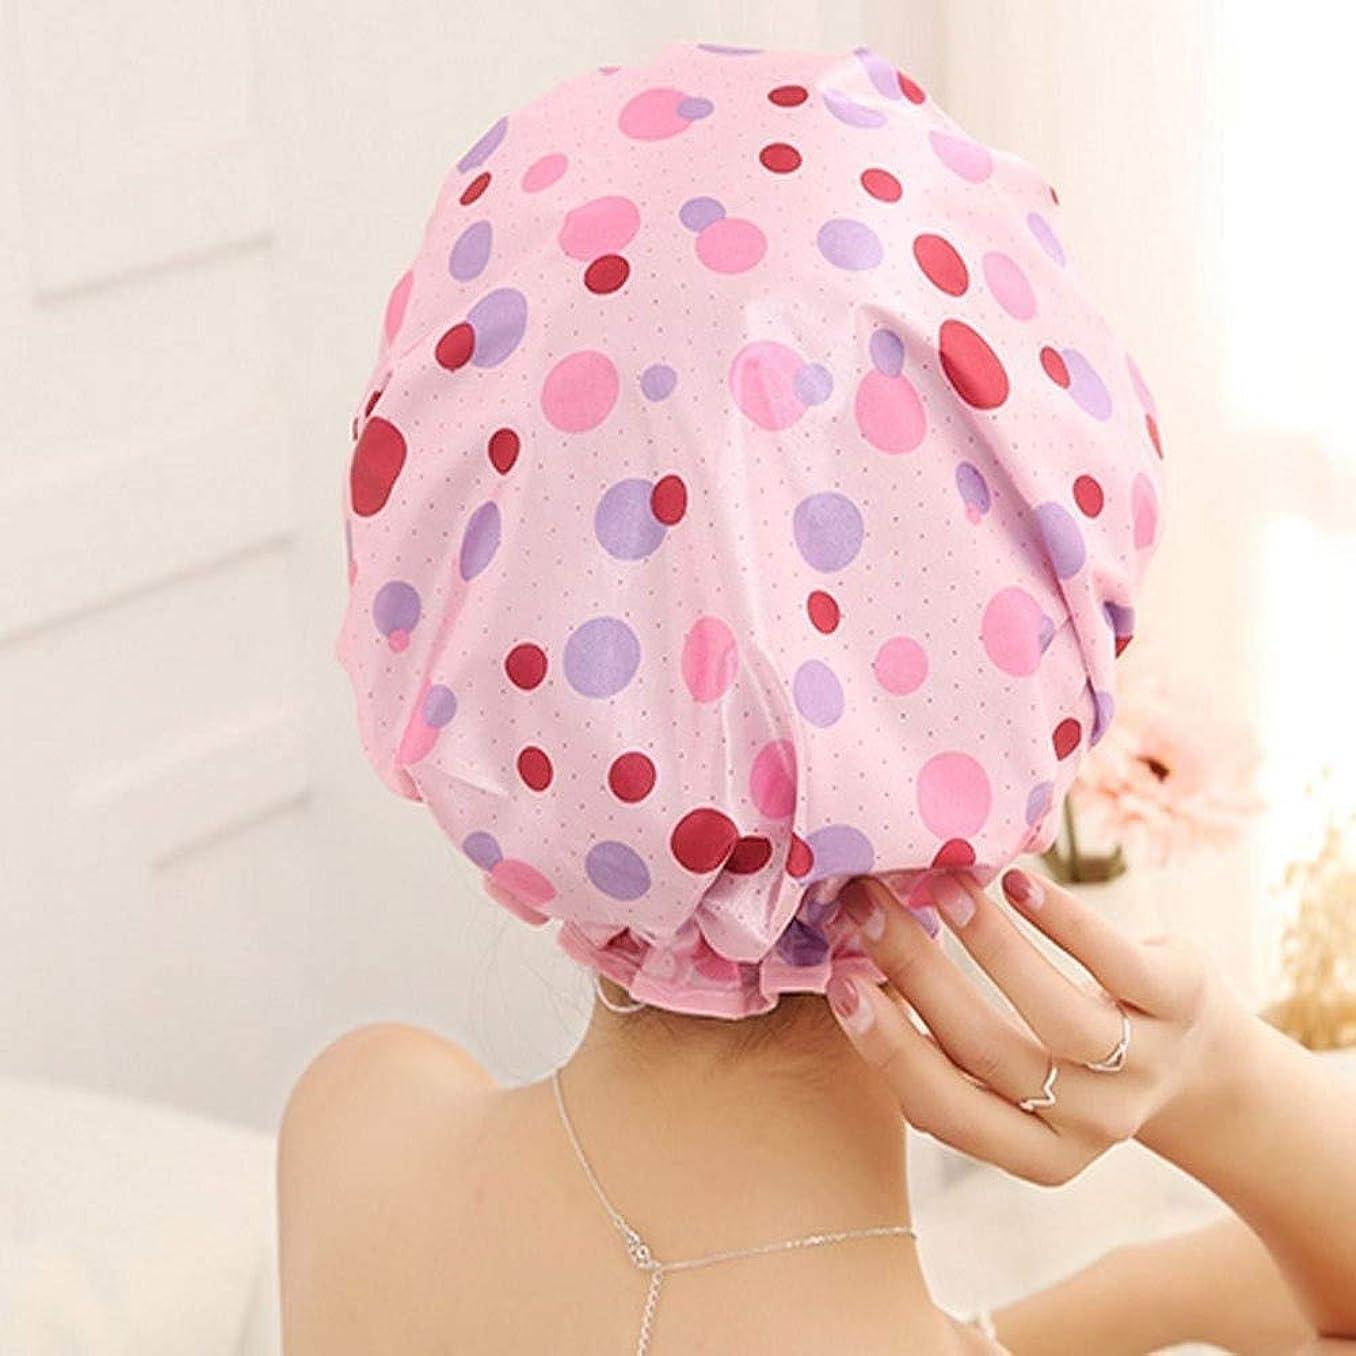 パイロット飛ぶ質量JIAOJIEB キャップシャワー、女性が女性のすべての髪の長さと厚さに適しキャップデラックスシャワーキャップシャワー - 耐性防水やカビ、再利用可能なシャワー。 シンプルで実用的な製品 (Color : 3)